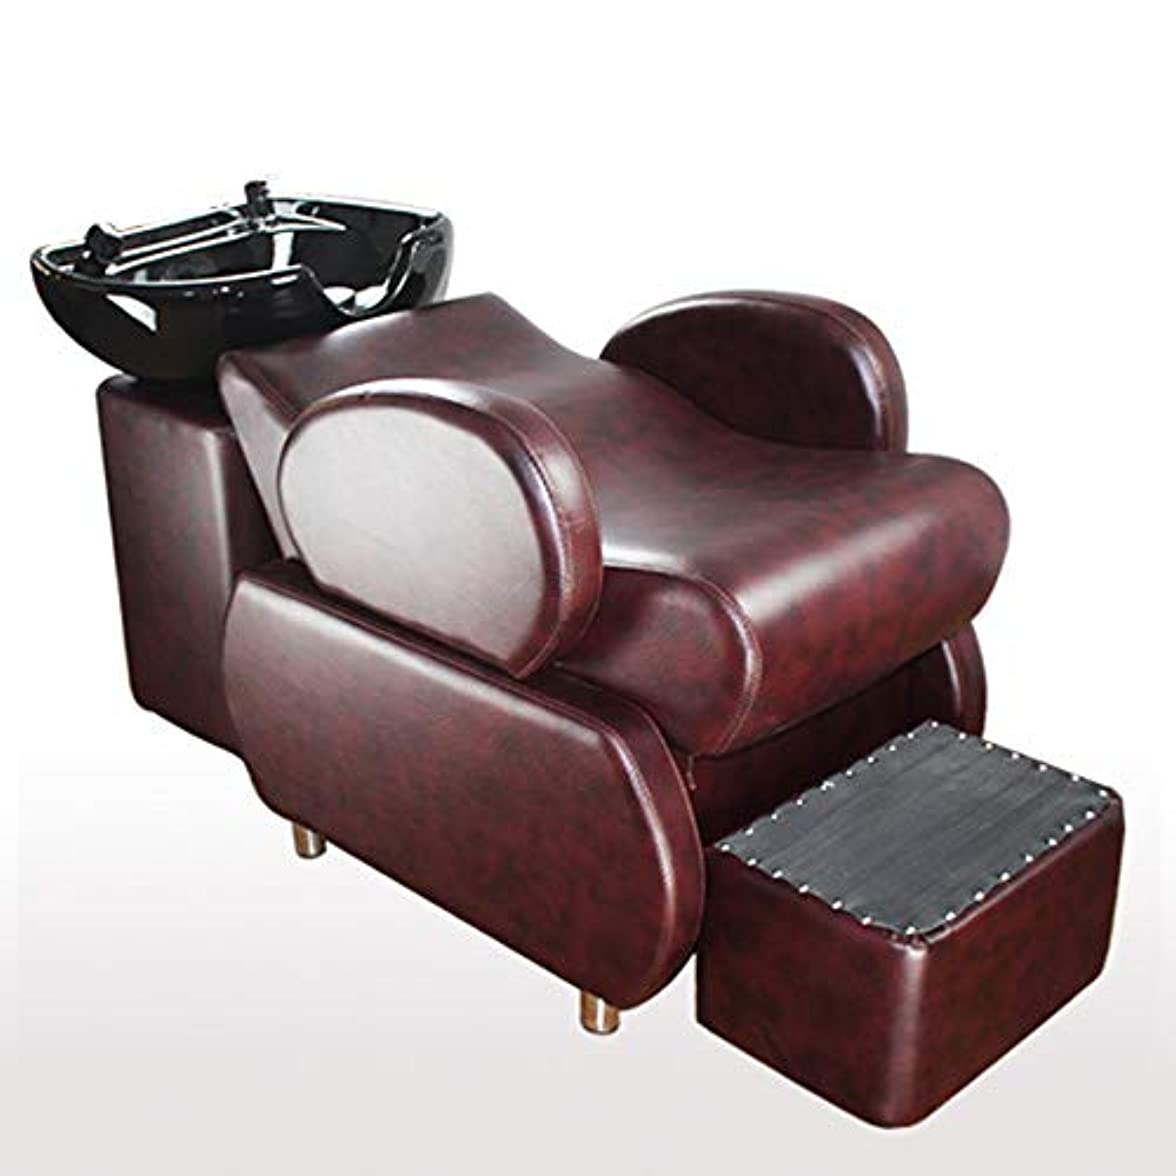 地上で混乱させるプレフィックスシャンプー椅子、逆洗ユニットシャンプーボウル理髪シンク椅子半横たわっているシャンプーベッドスパ美容院機器